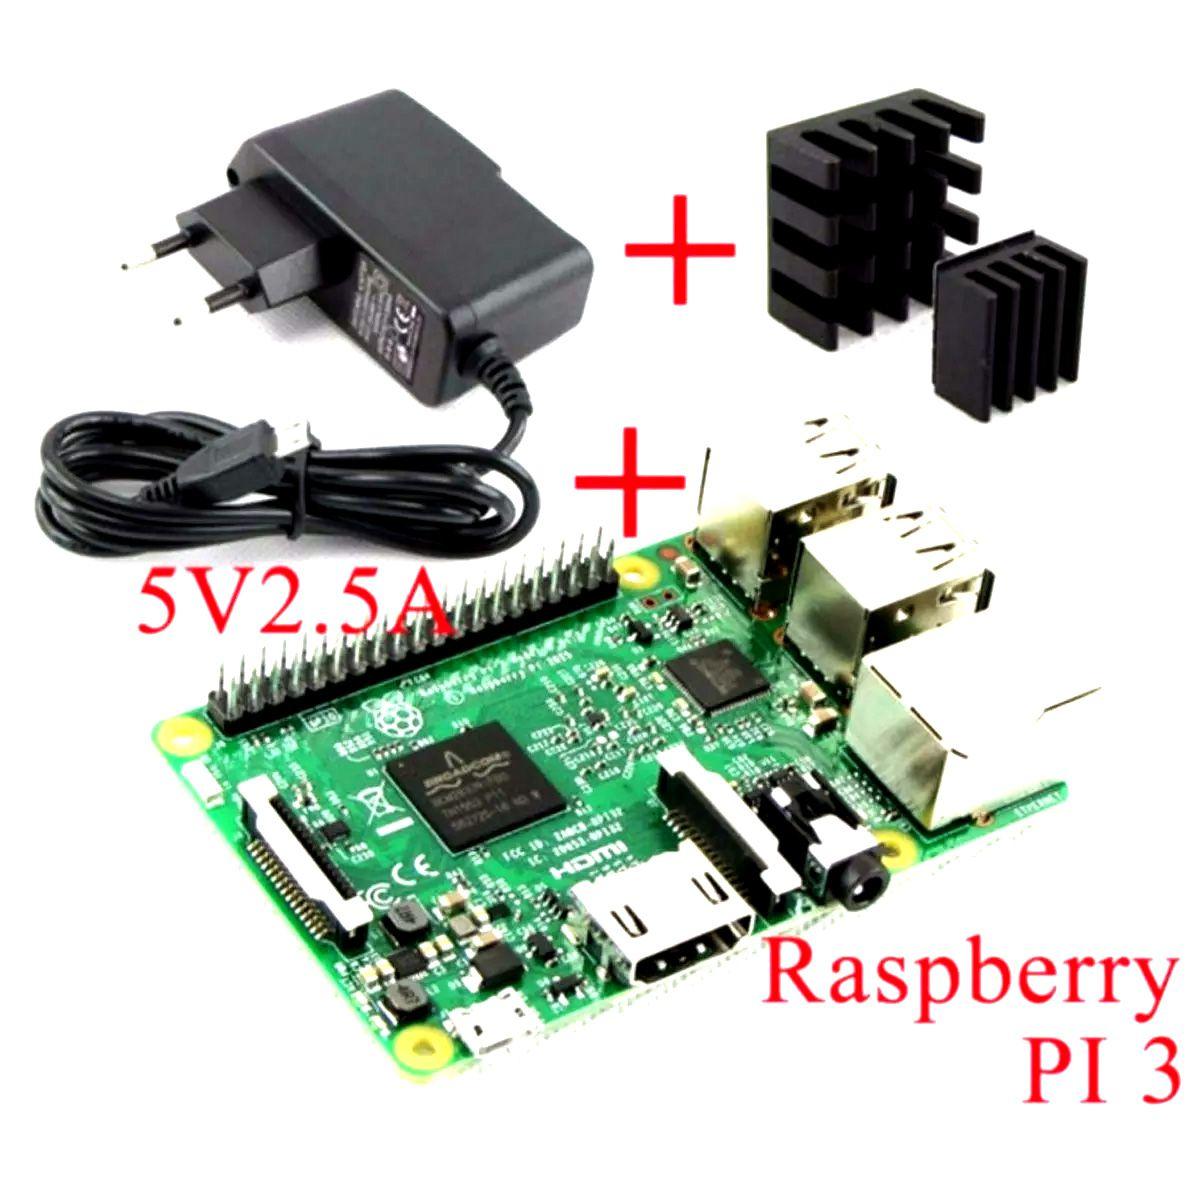 Raspberry Pi 3 Pi3 Quadcore 1.2ghz, 1 GB de RAM com Fonte e Dissipador